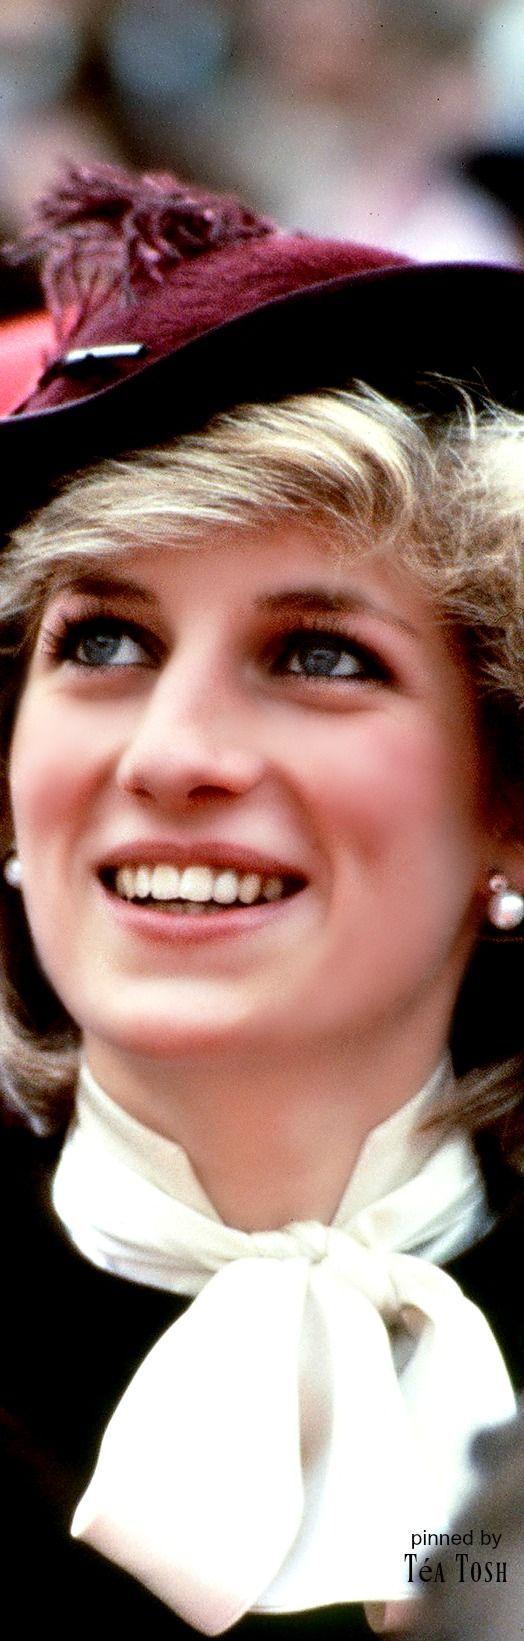 ❈Téa Tosh❈Princess Diana